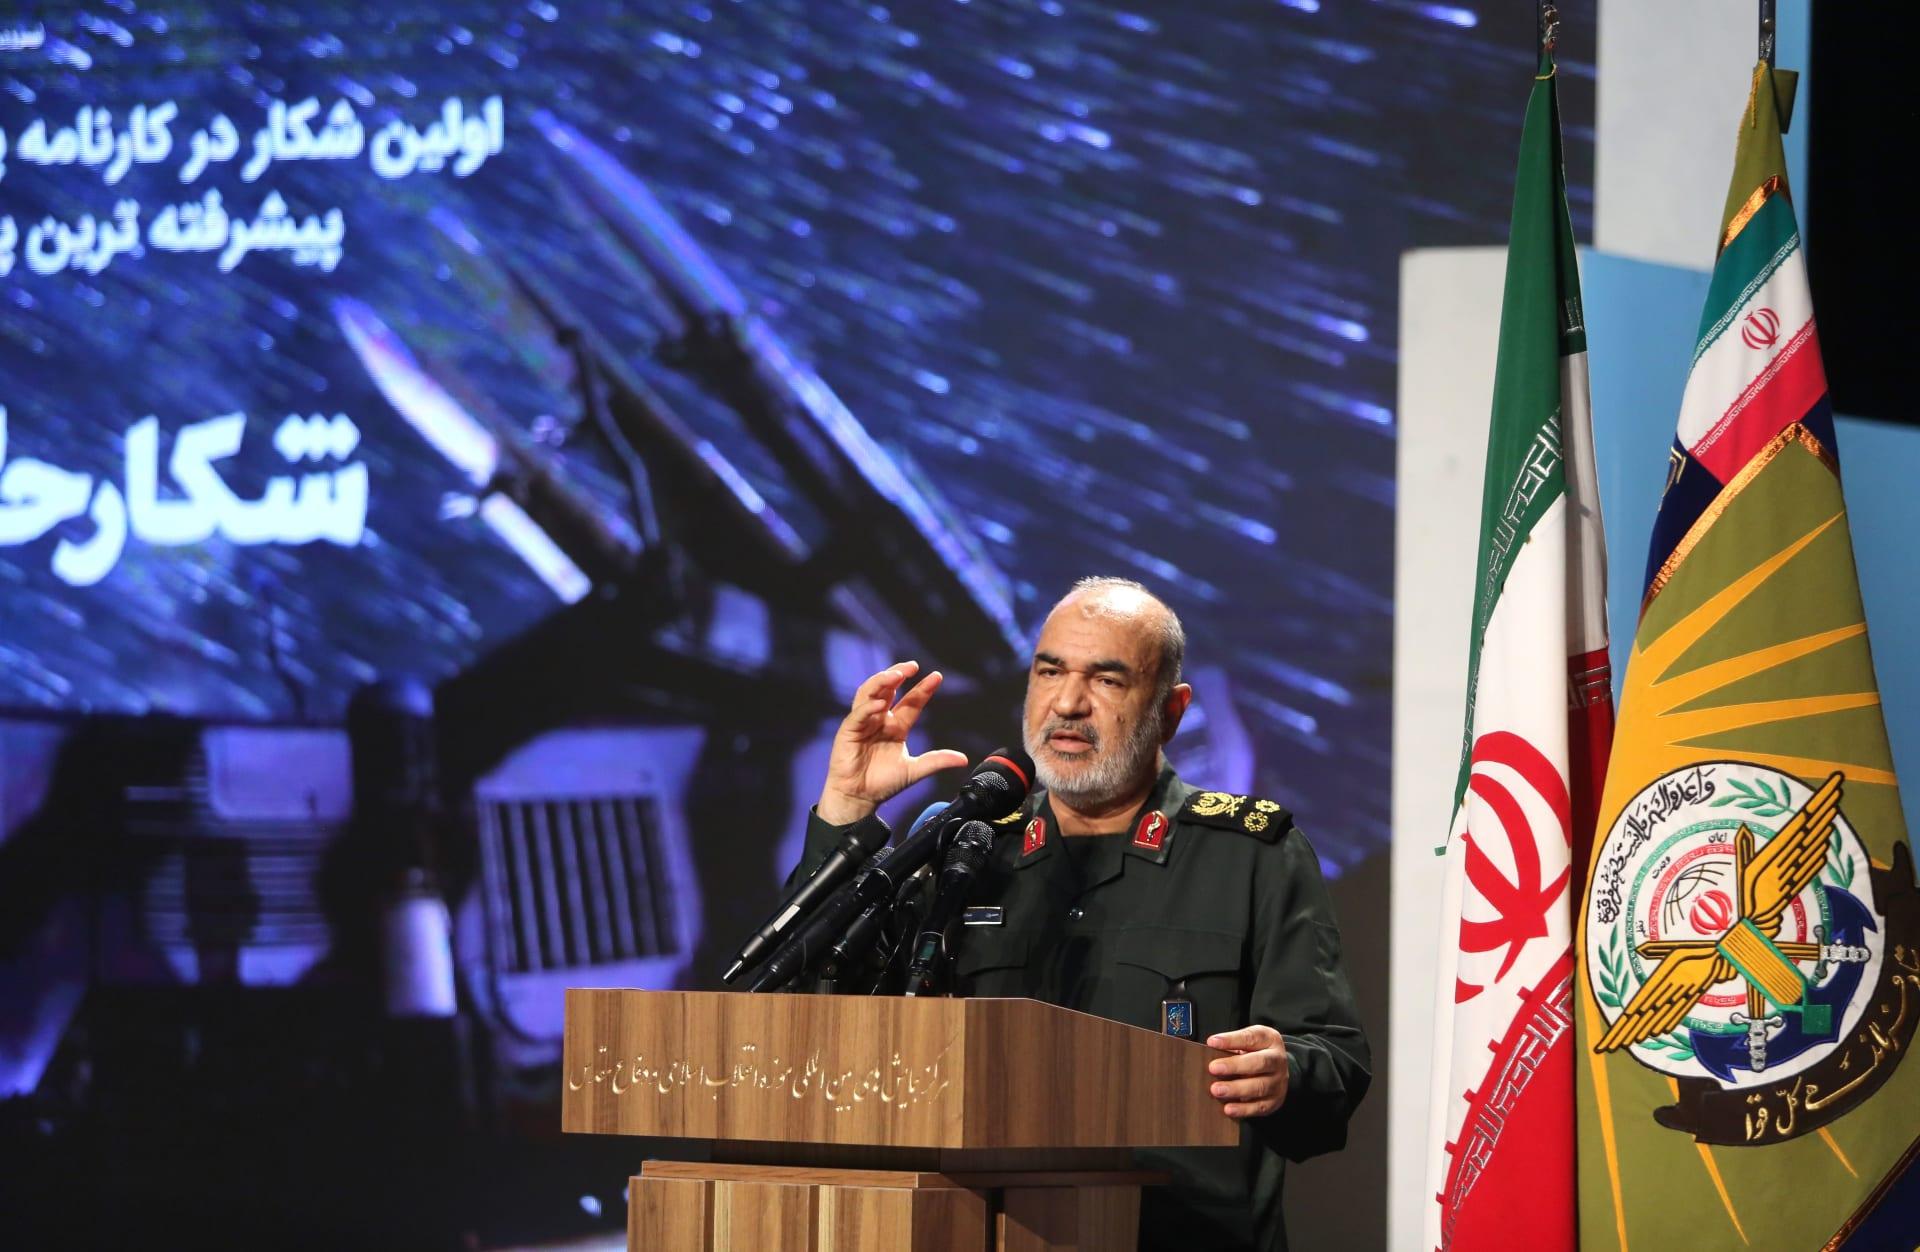 قائد الحرس الثوري الإيراني: قادرون على حرق واحتلال القواعد الأمريكية في المنطقة